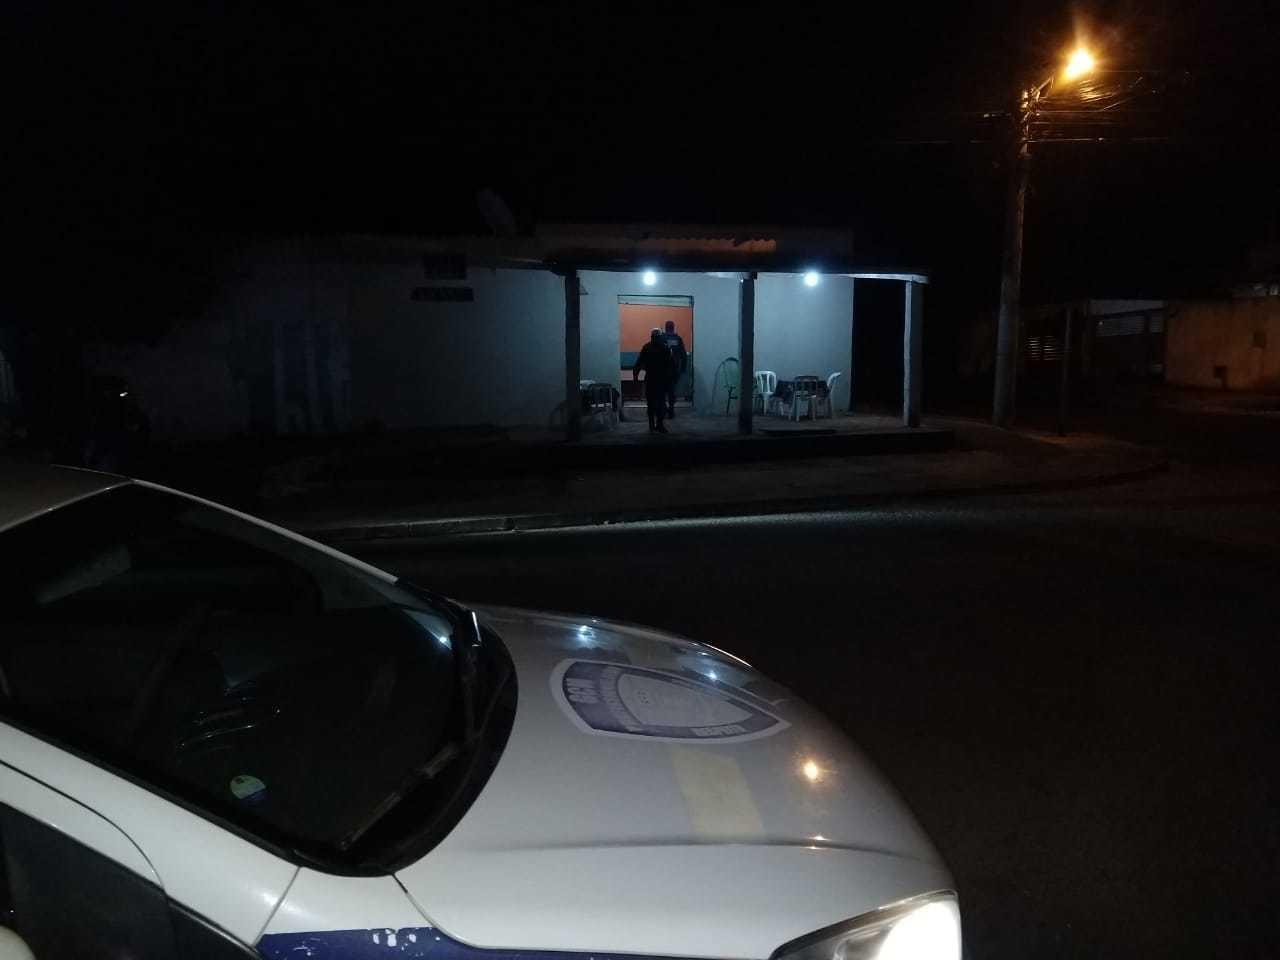 Nesta noite, 21 estabelecimentos foram encontrados abertos pelos guardas (Foto: Divulgação)